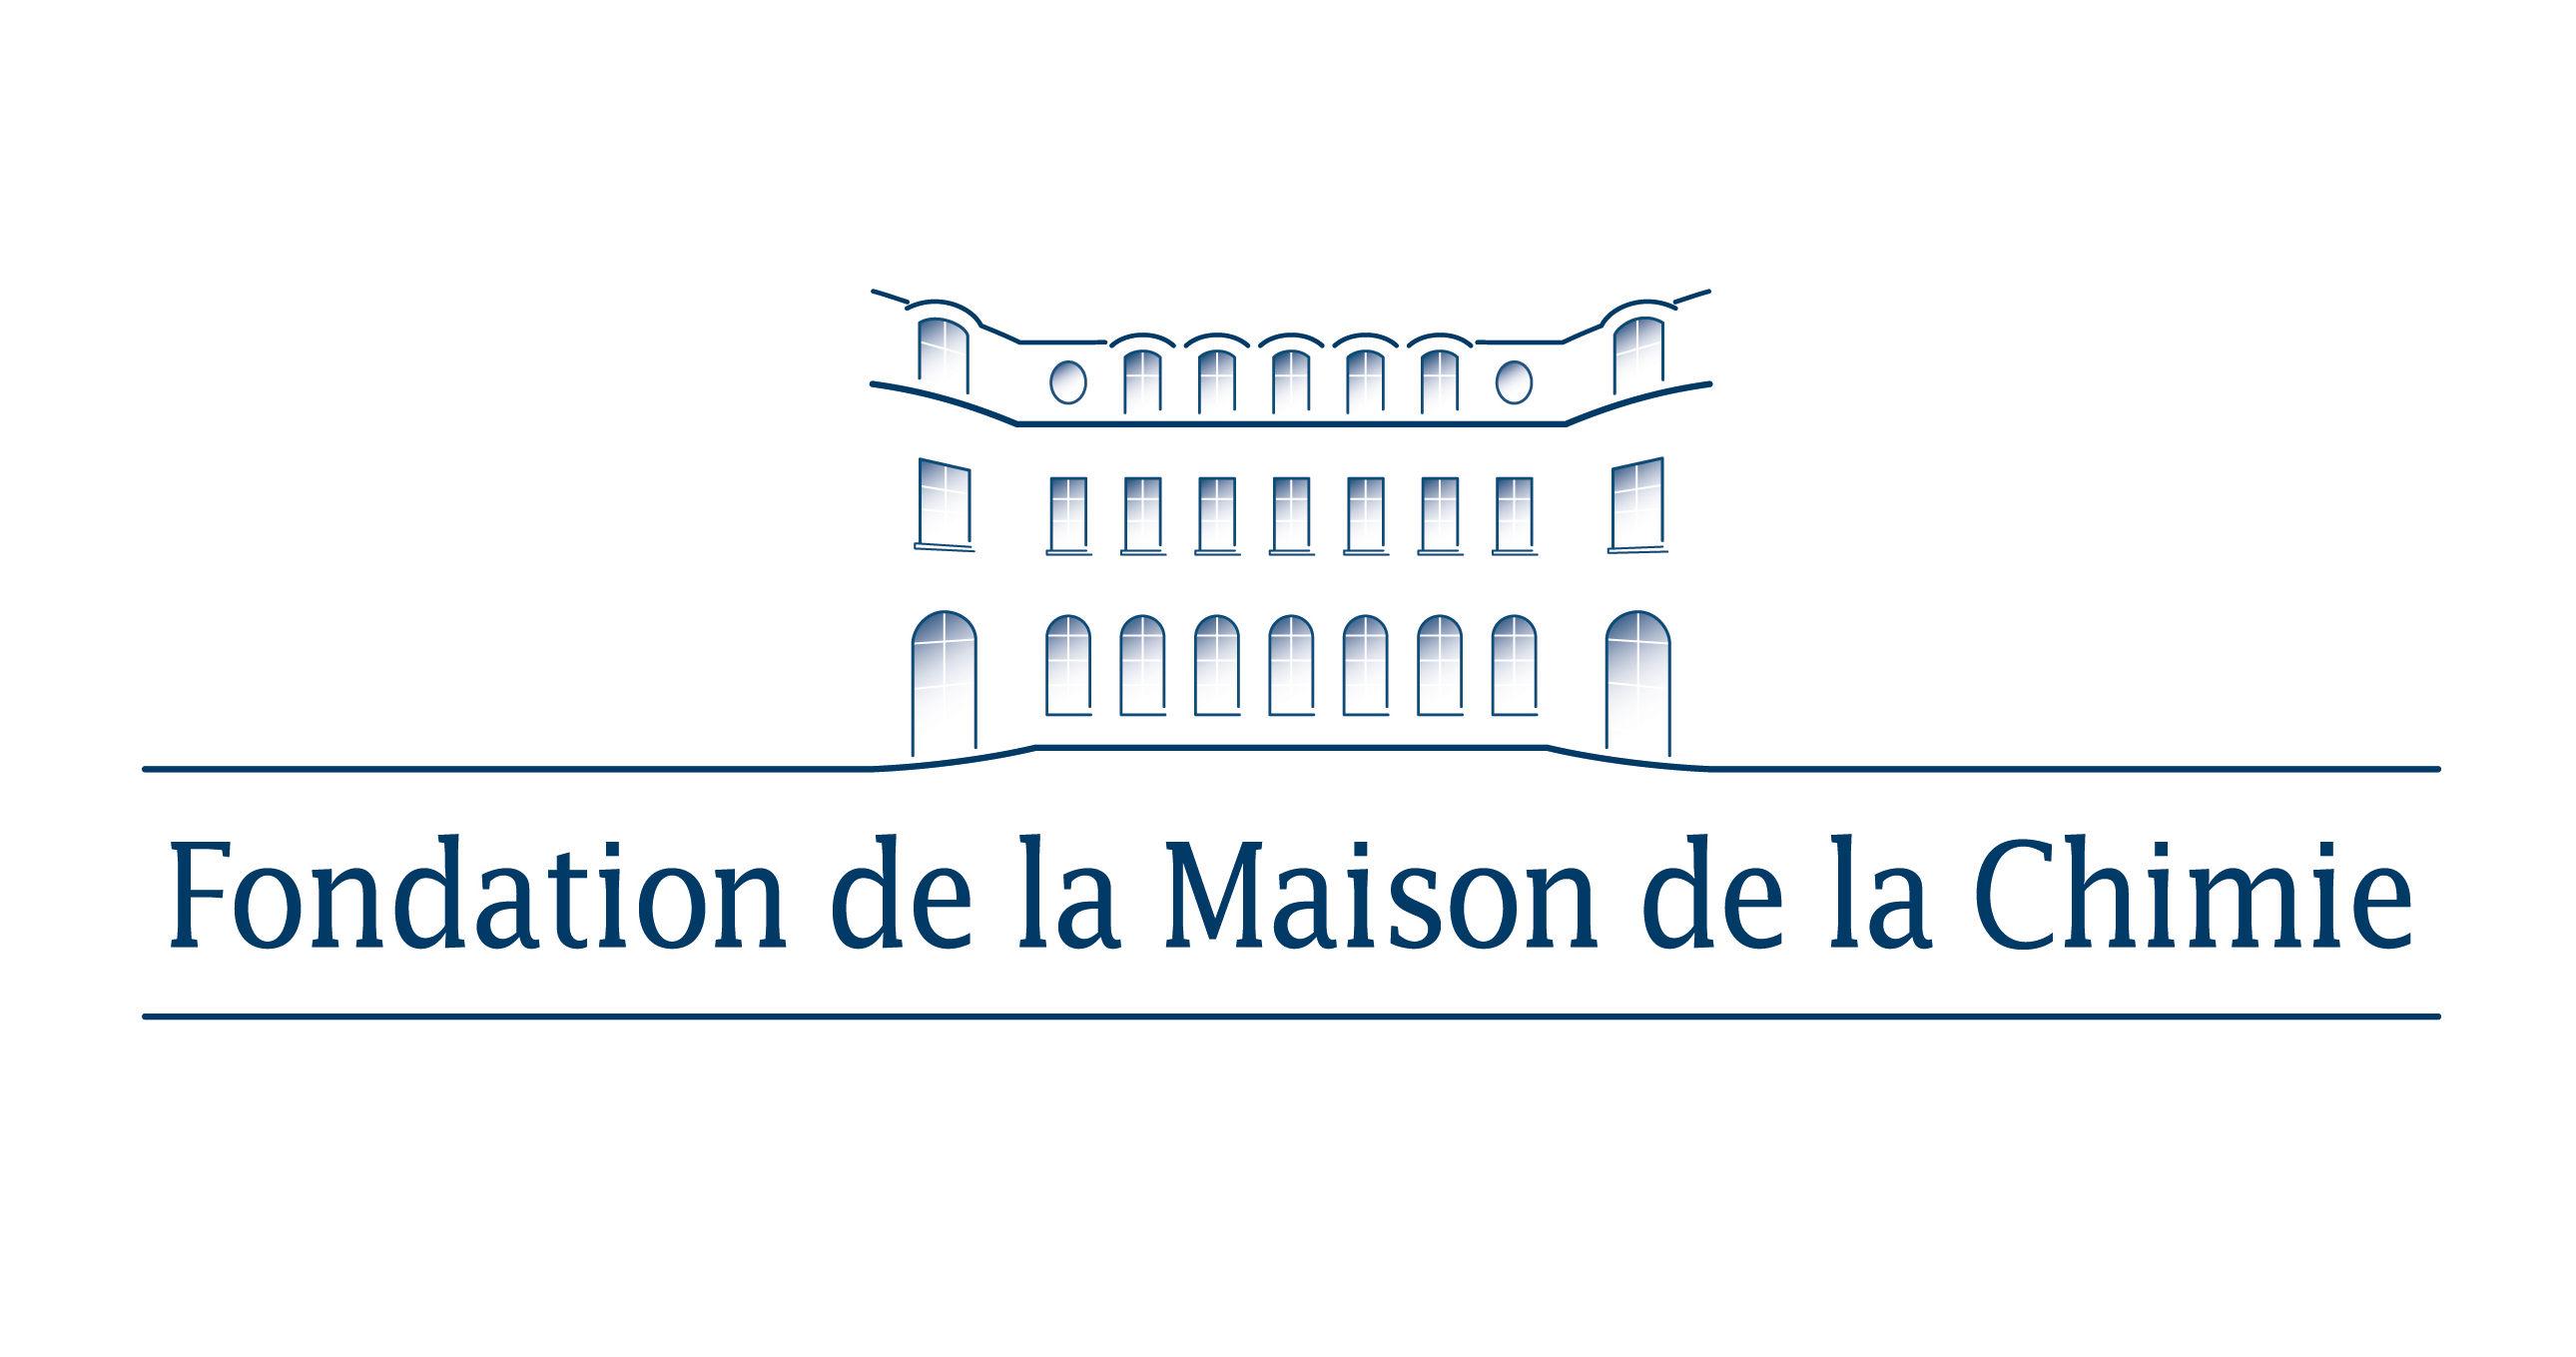 Fondation de la Maison de la Chimie